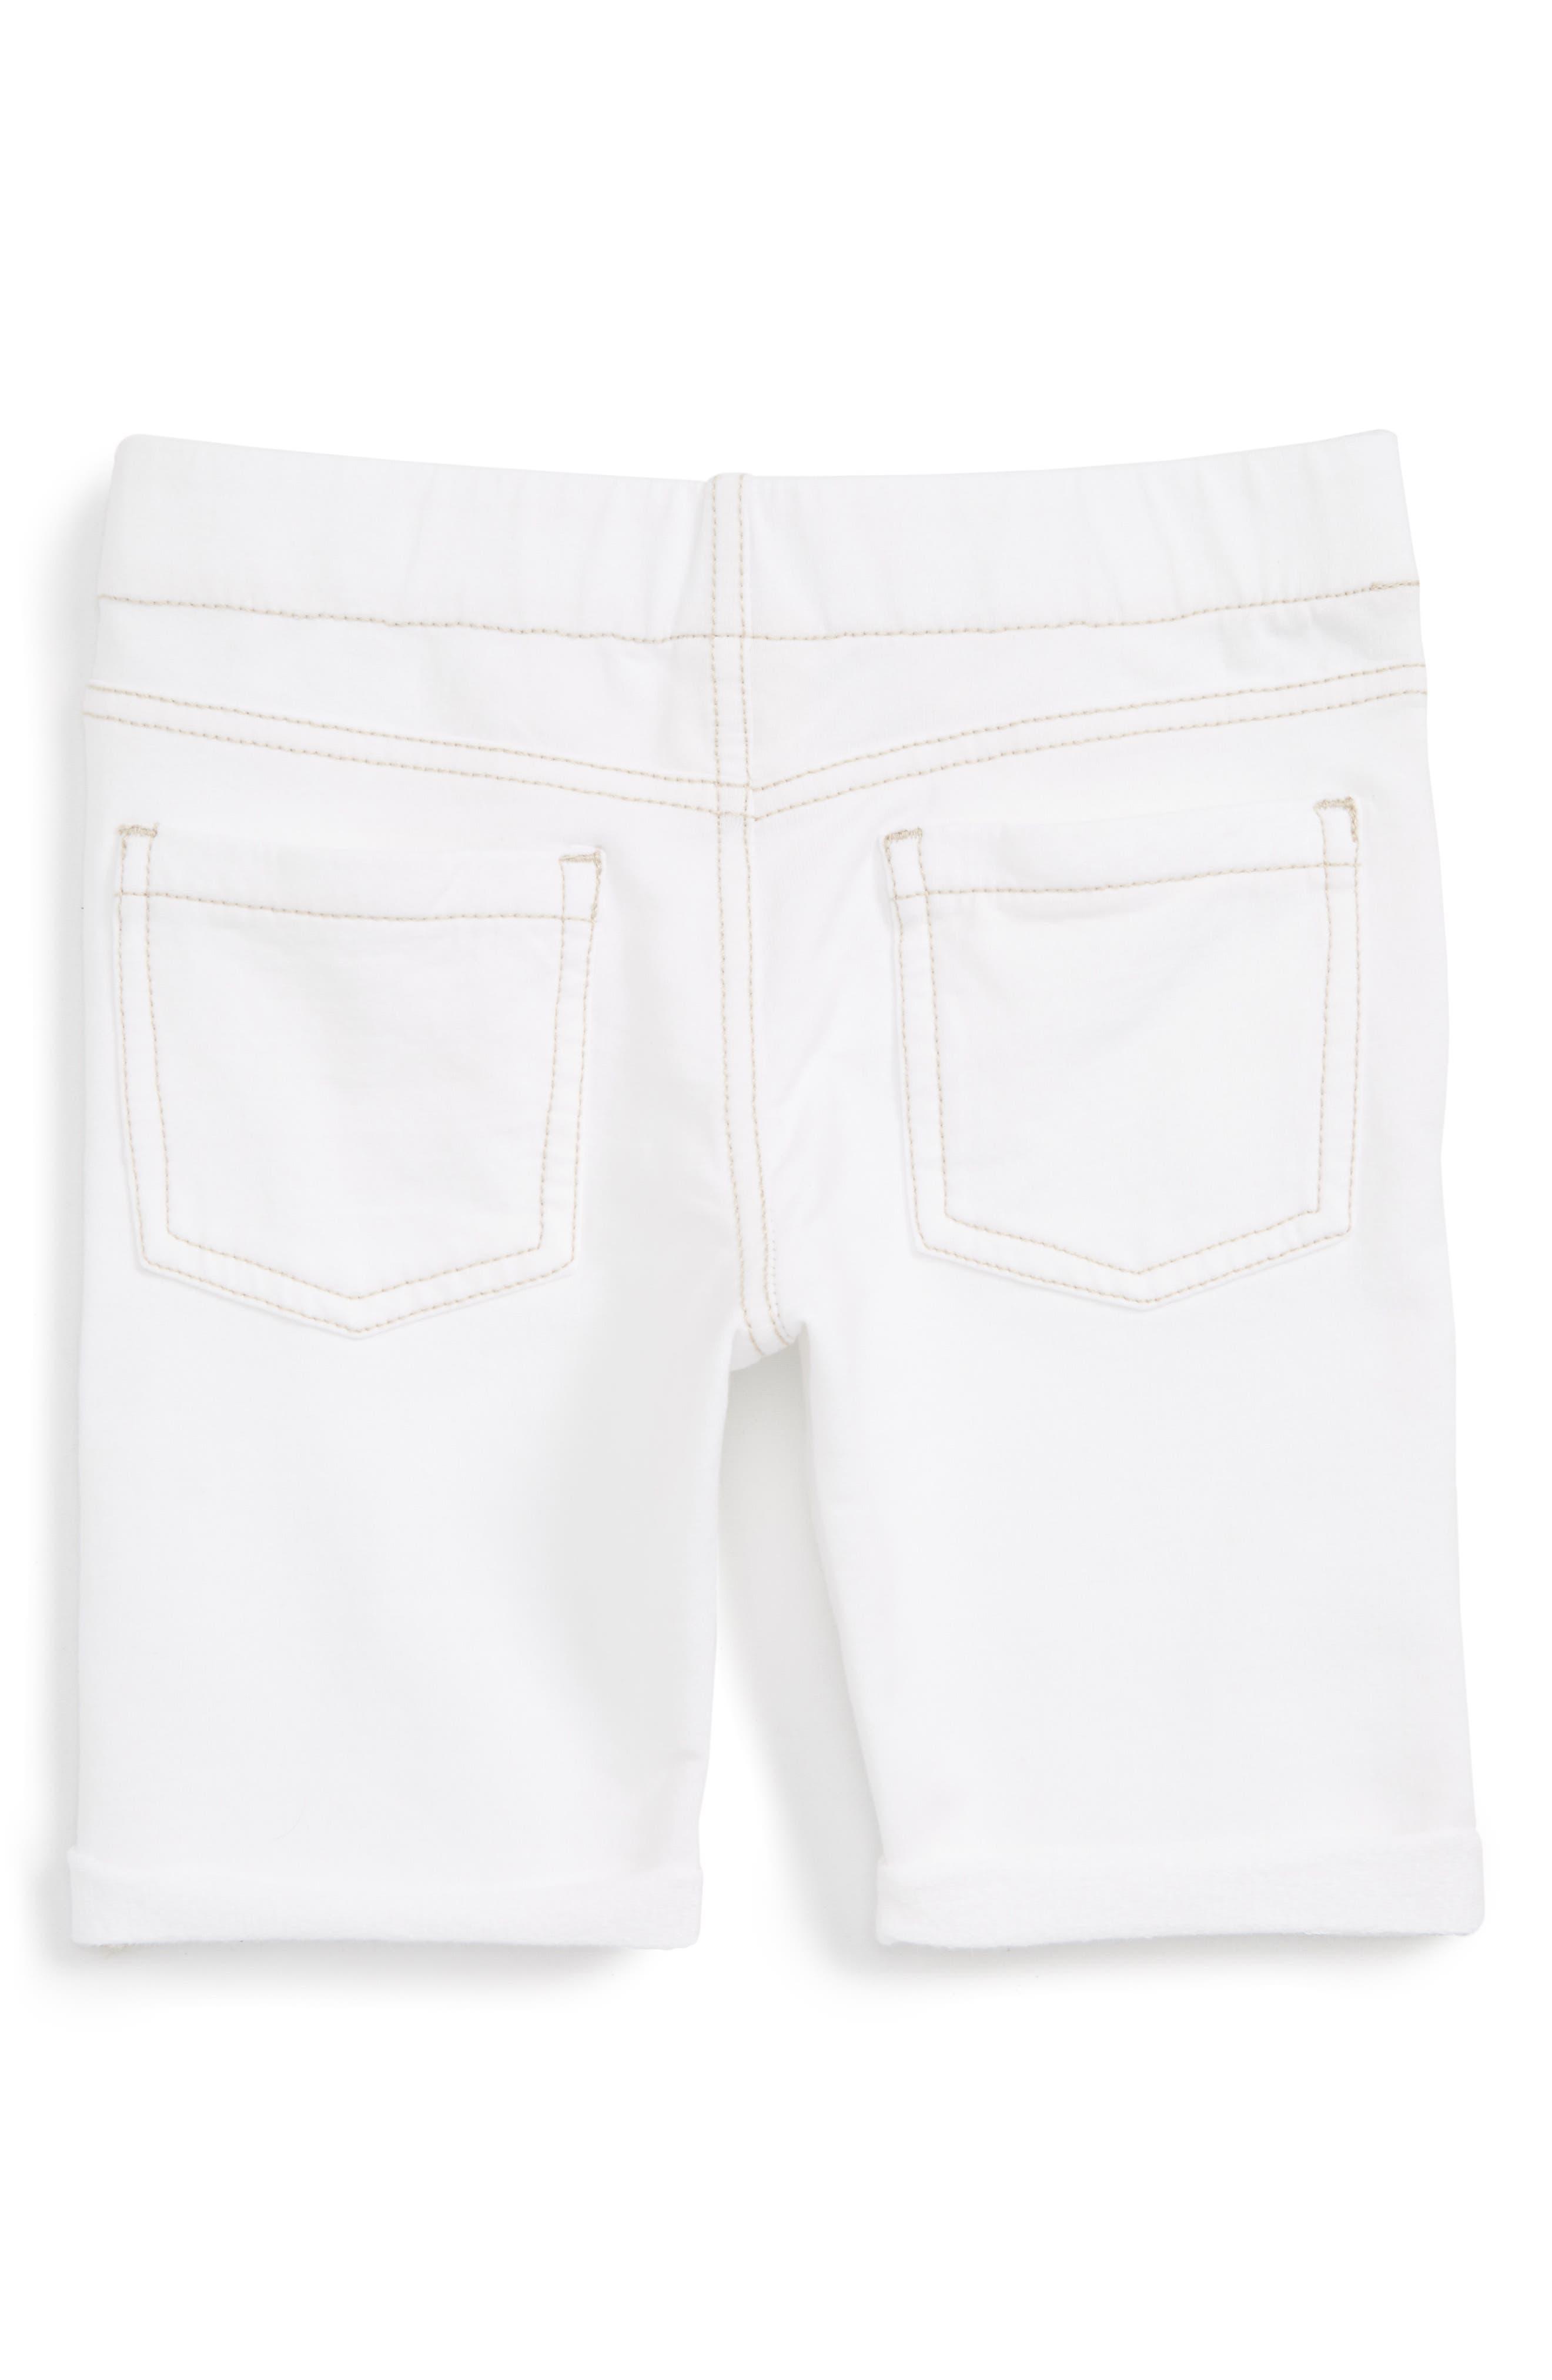 TUCKER + TATE, 'Jenna' Jegging Shorts, Alternate thumbnail 2, color, WHITE